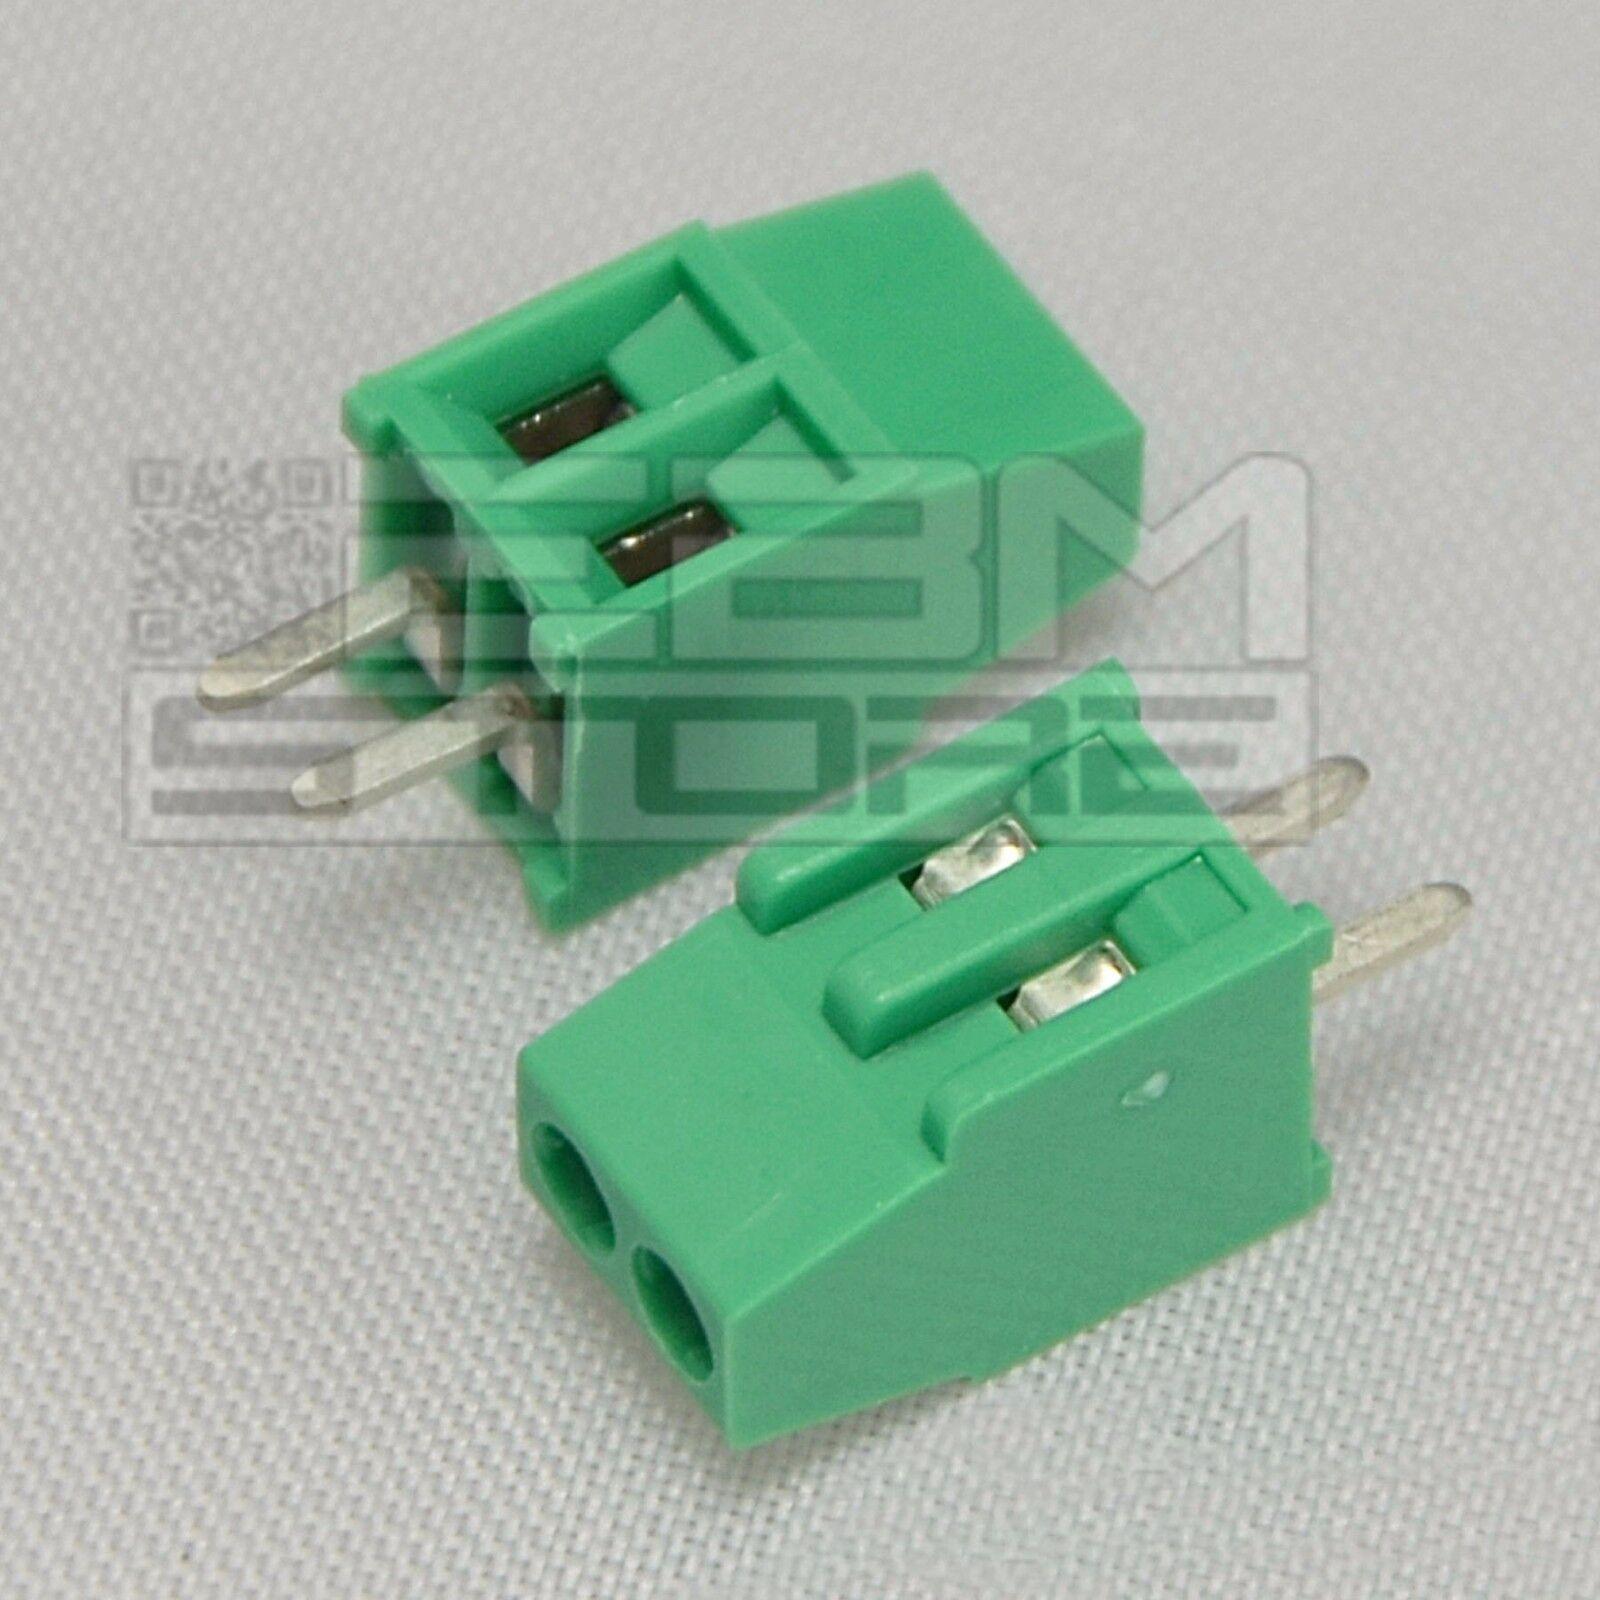 2 pz morsetti 2 poli passo 2,54mm Morsettiera PCB circuito stampato - ART. AZ05